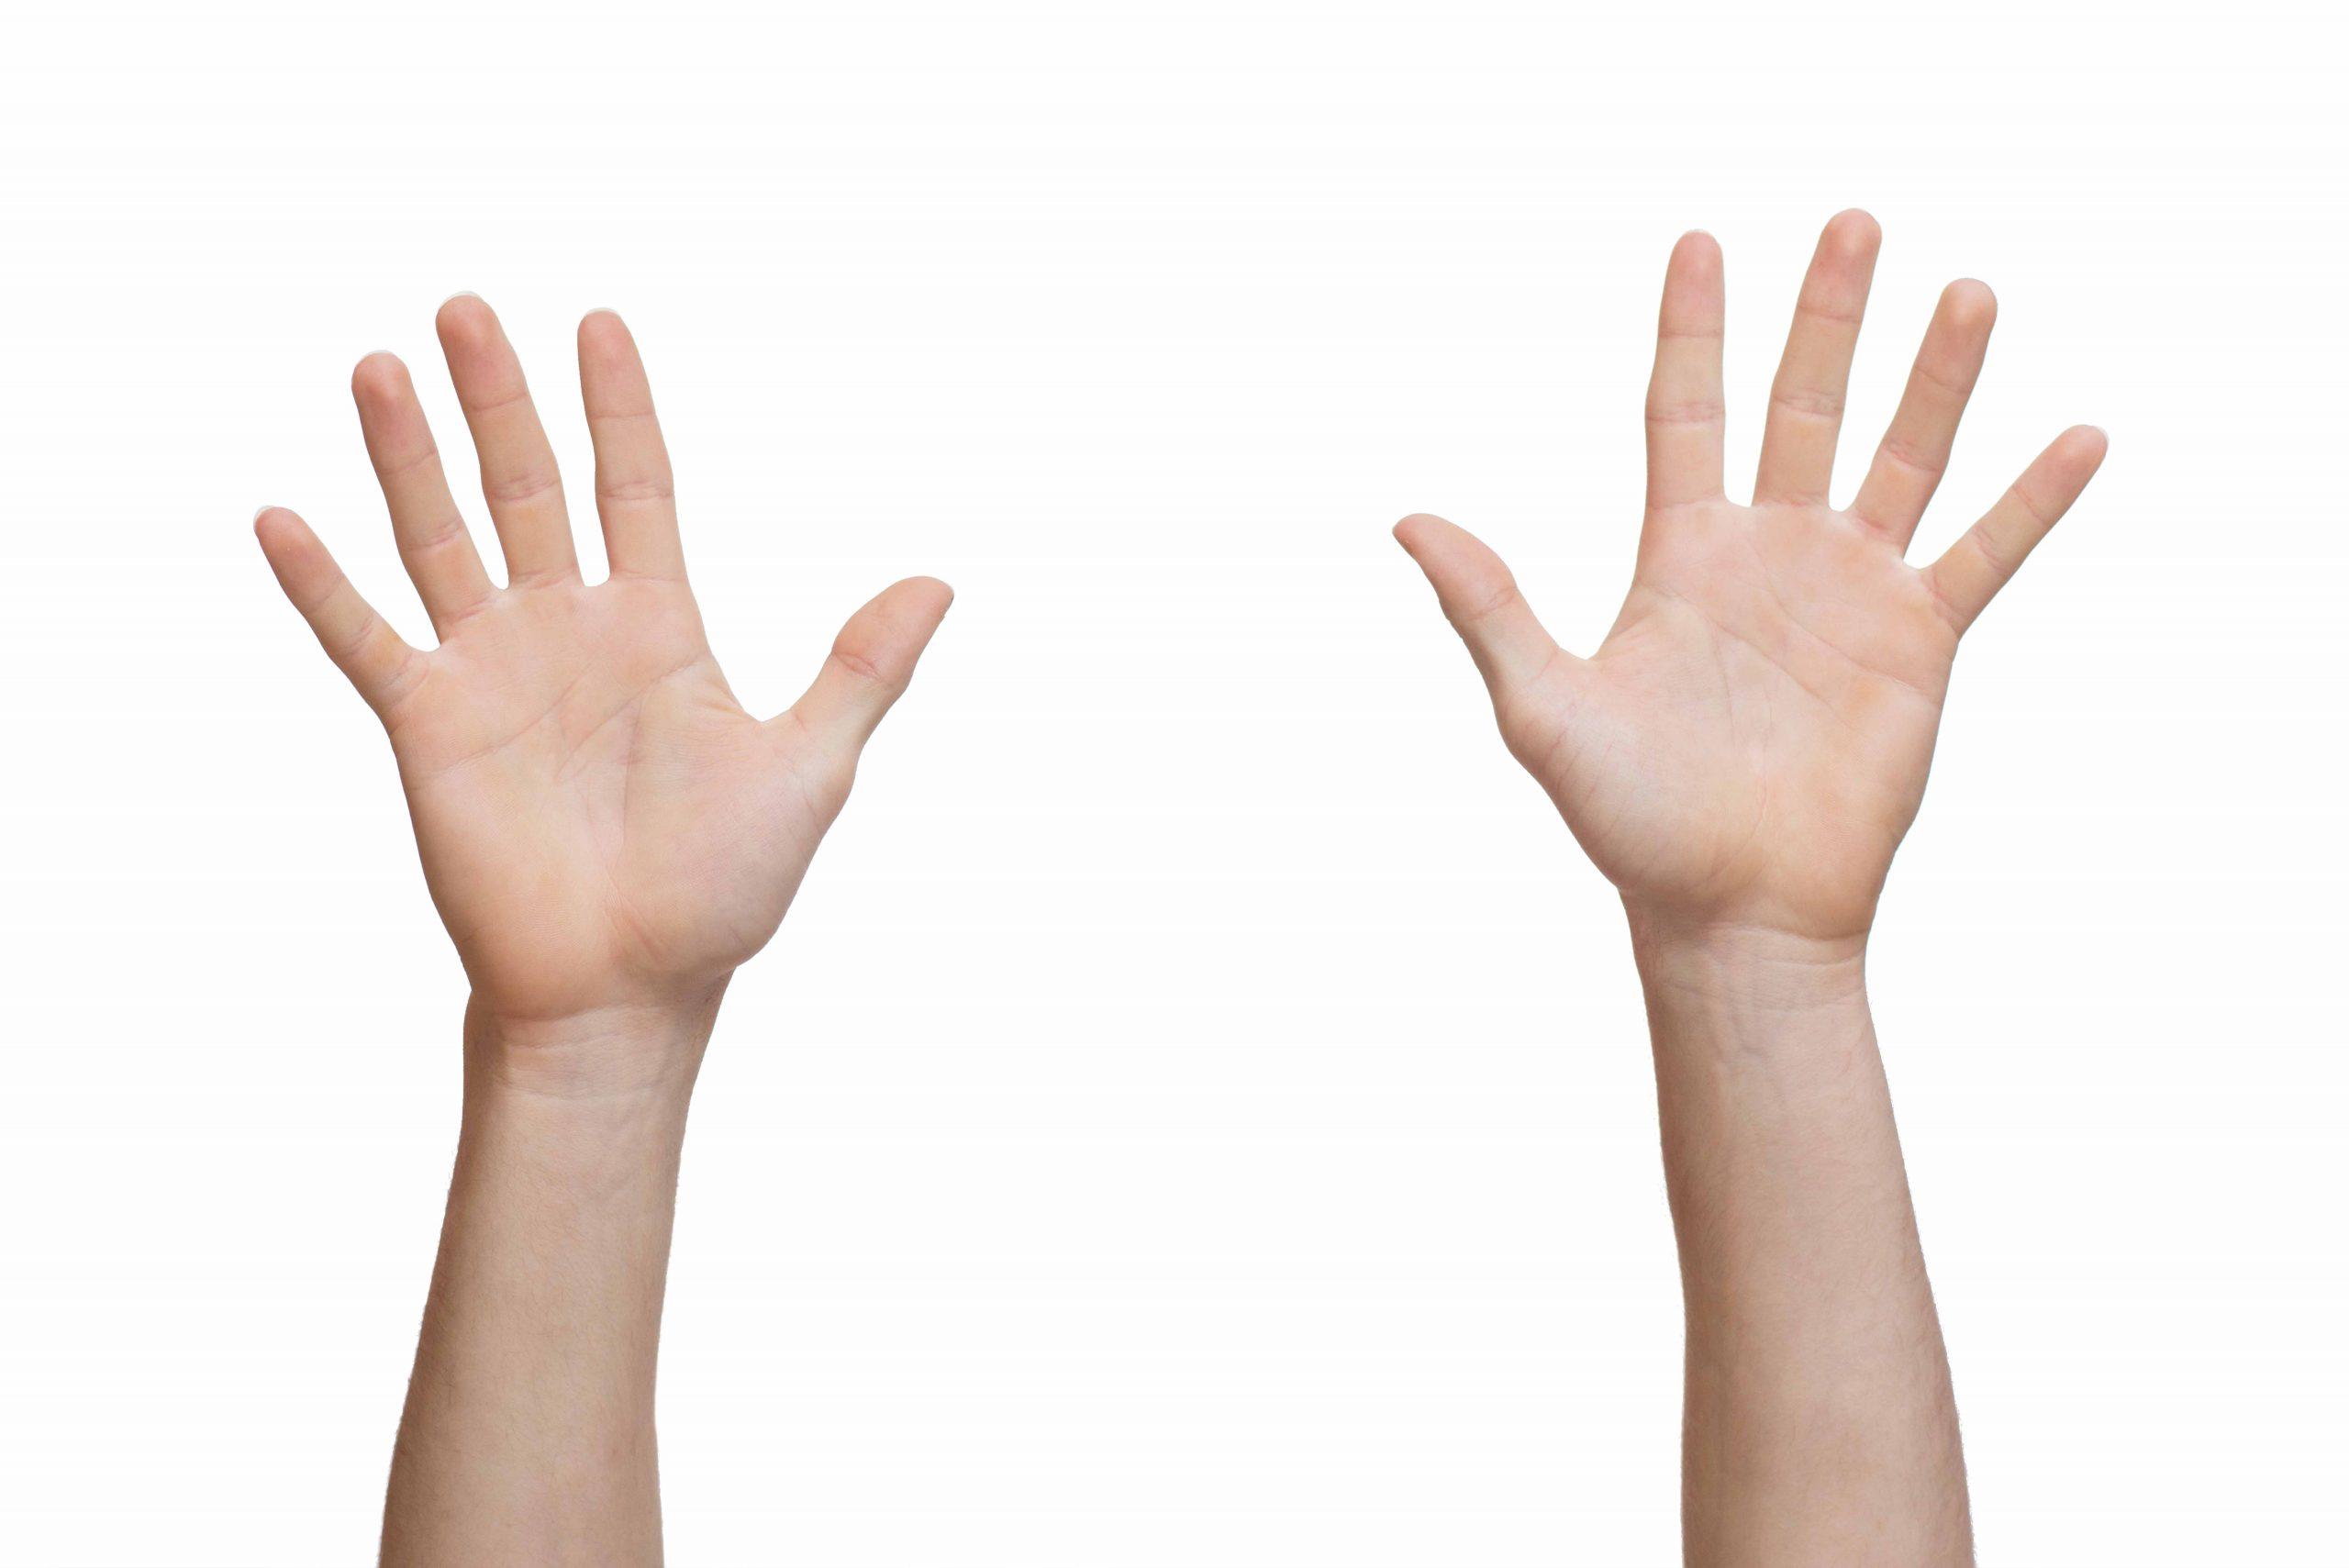 Twee handen die getal 10 aanduiden